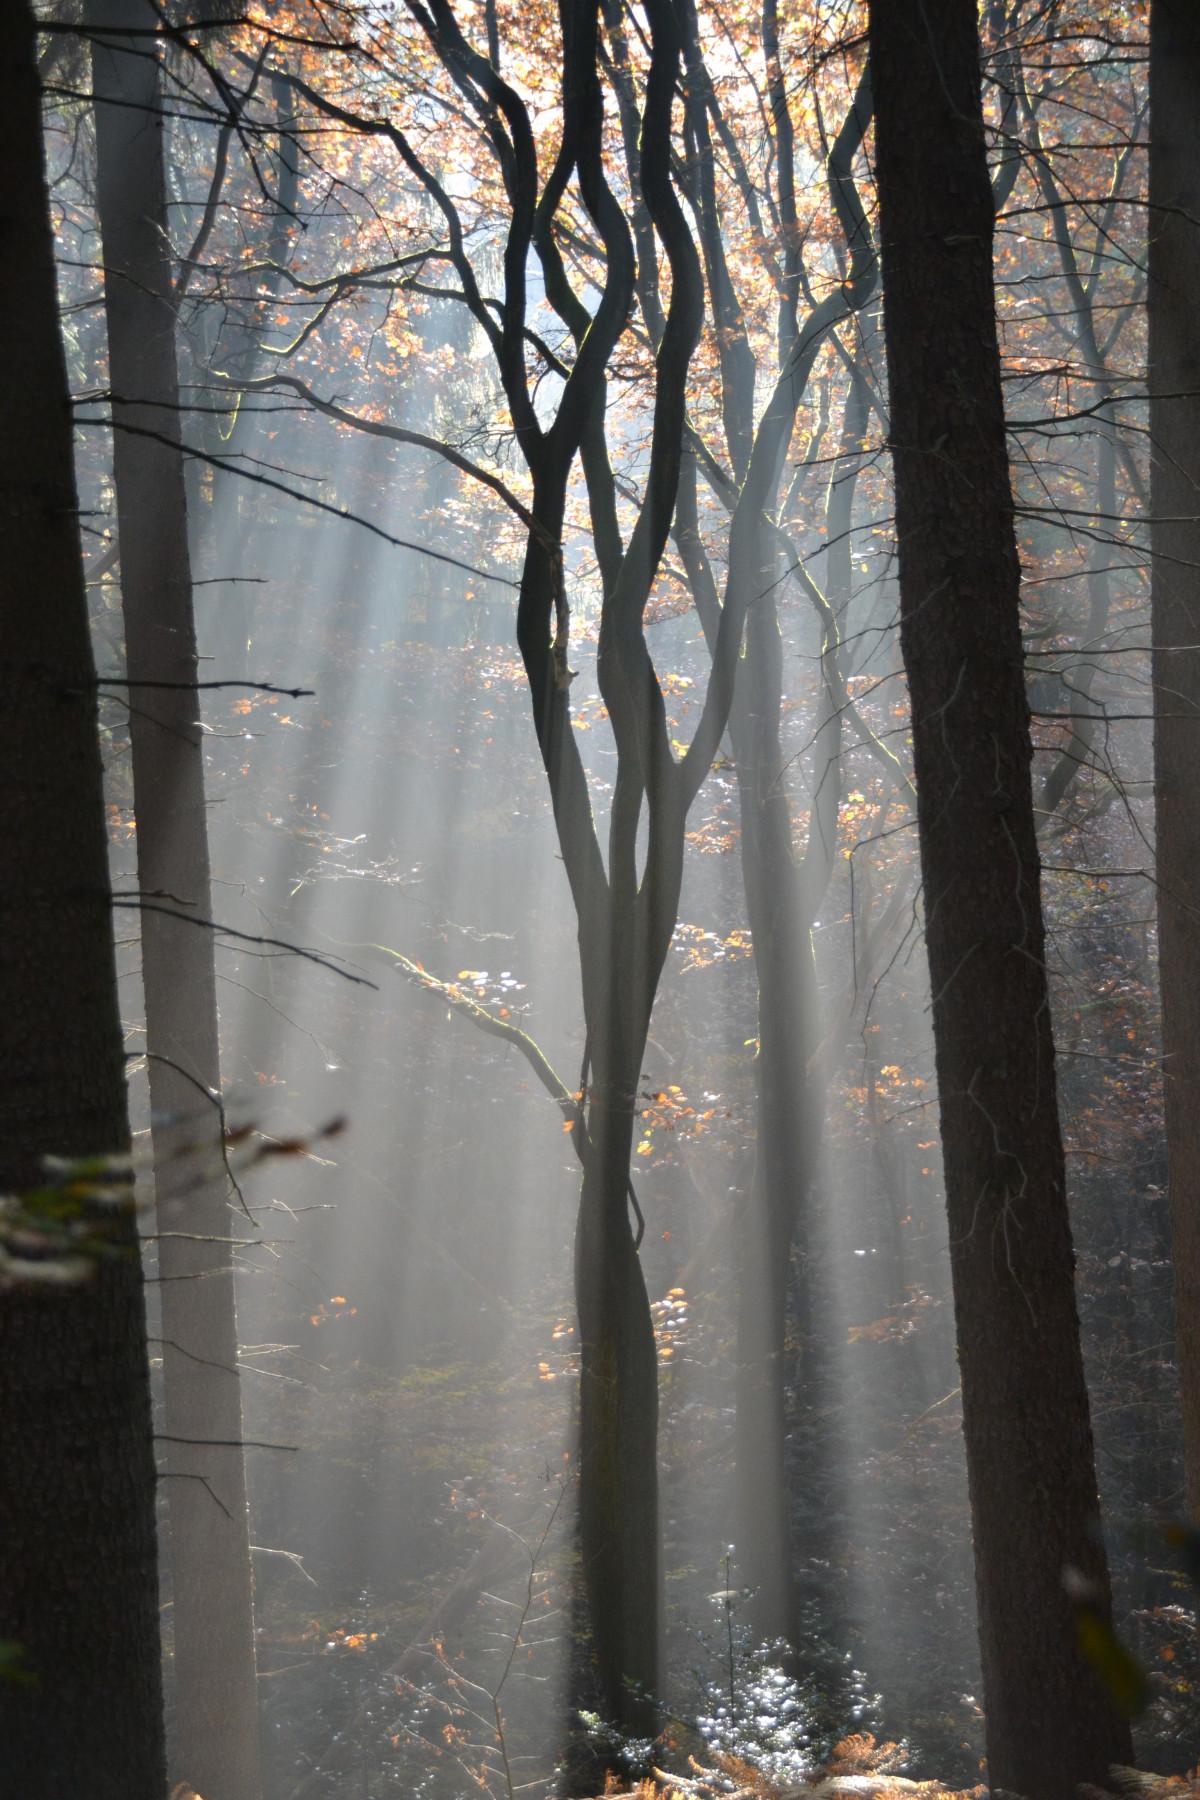 kostenlose foto baum natur wald ast winter licht nebel sonnenlicht morgen blatt. Black Bedroom Furniture Sets. Home Design Ideas